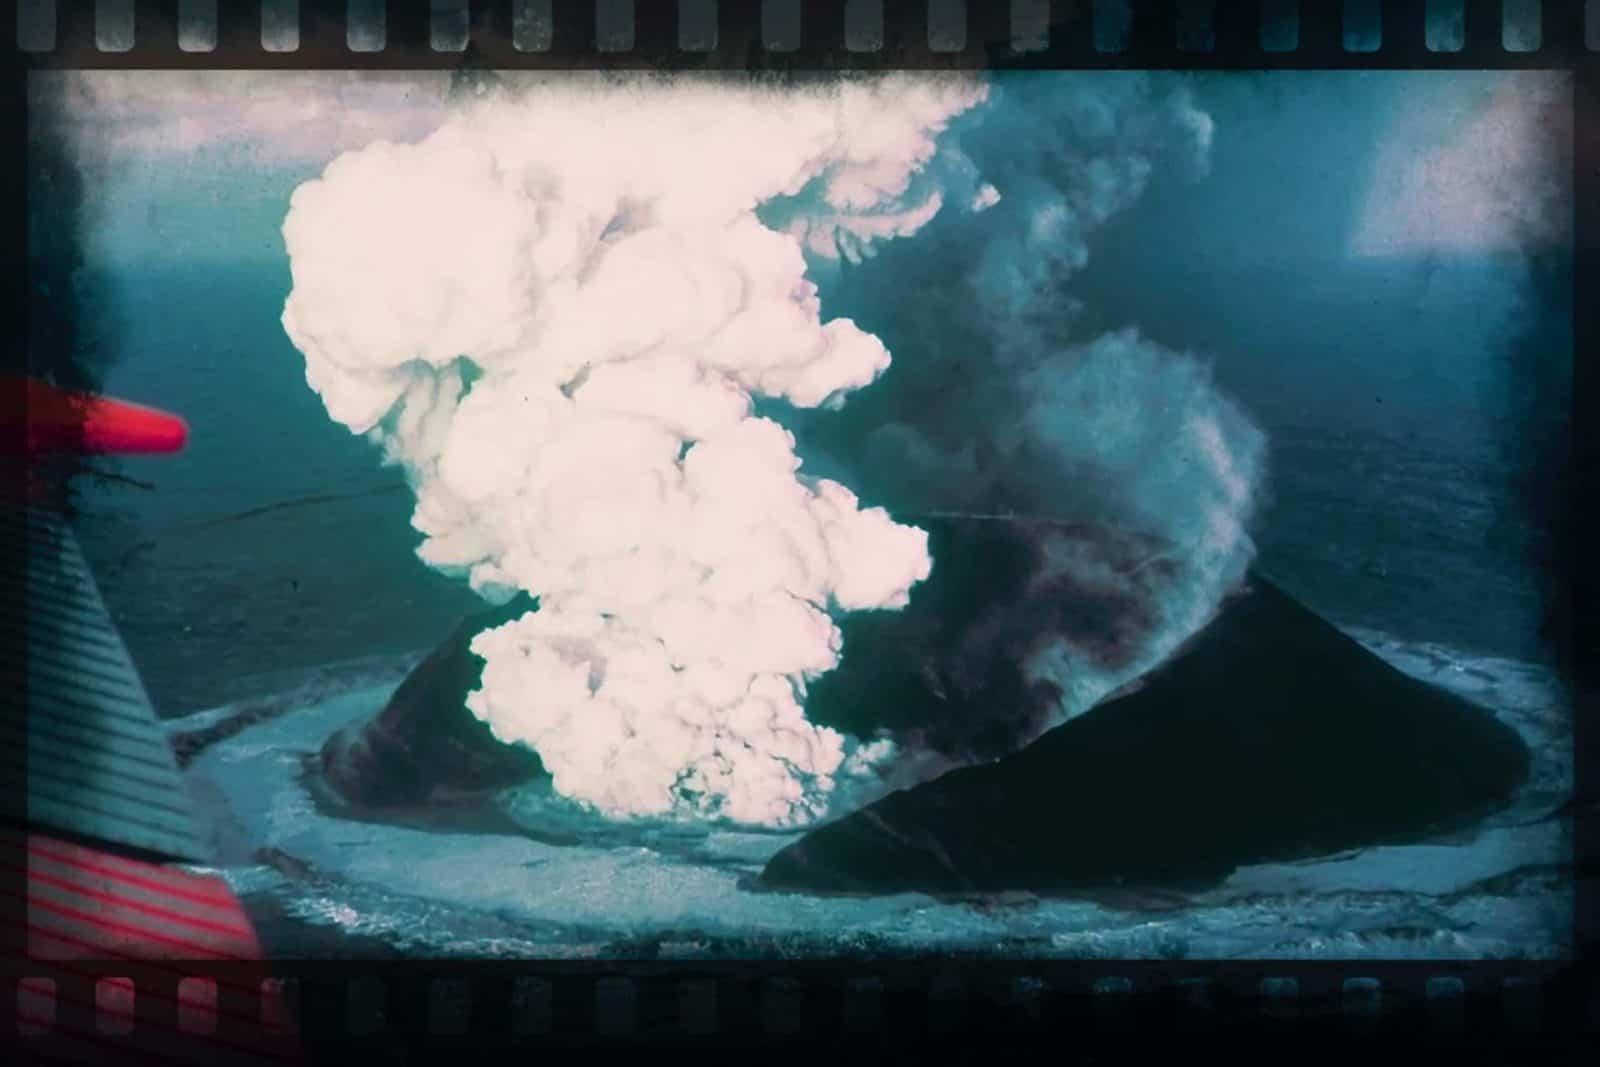 Surtsey - 16 Tage nach dem Ausbruch // Quelle: NOAA, Howell Williams